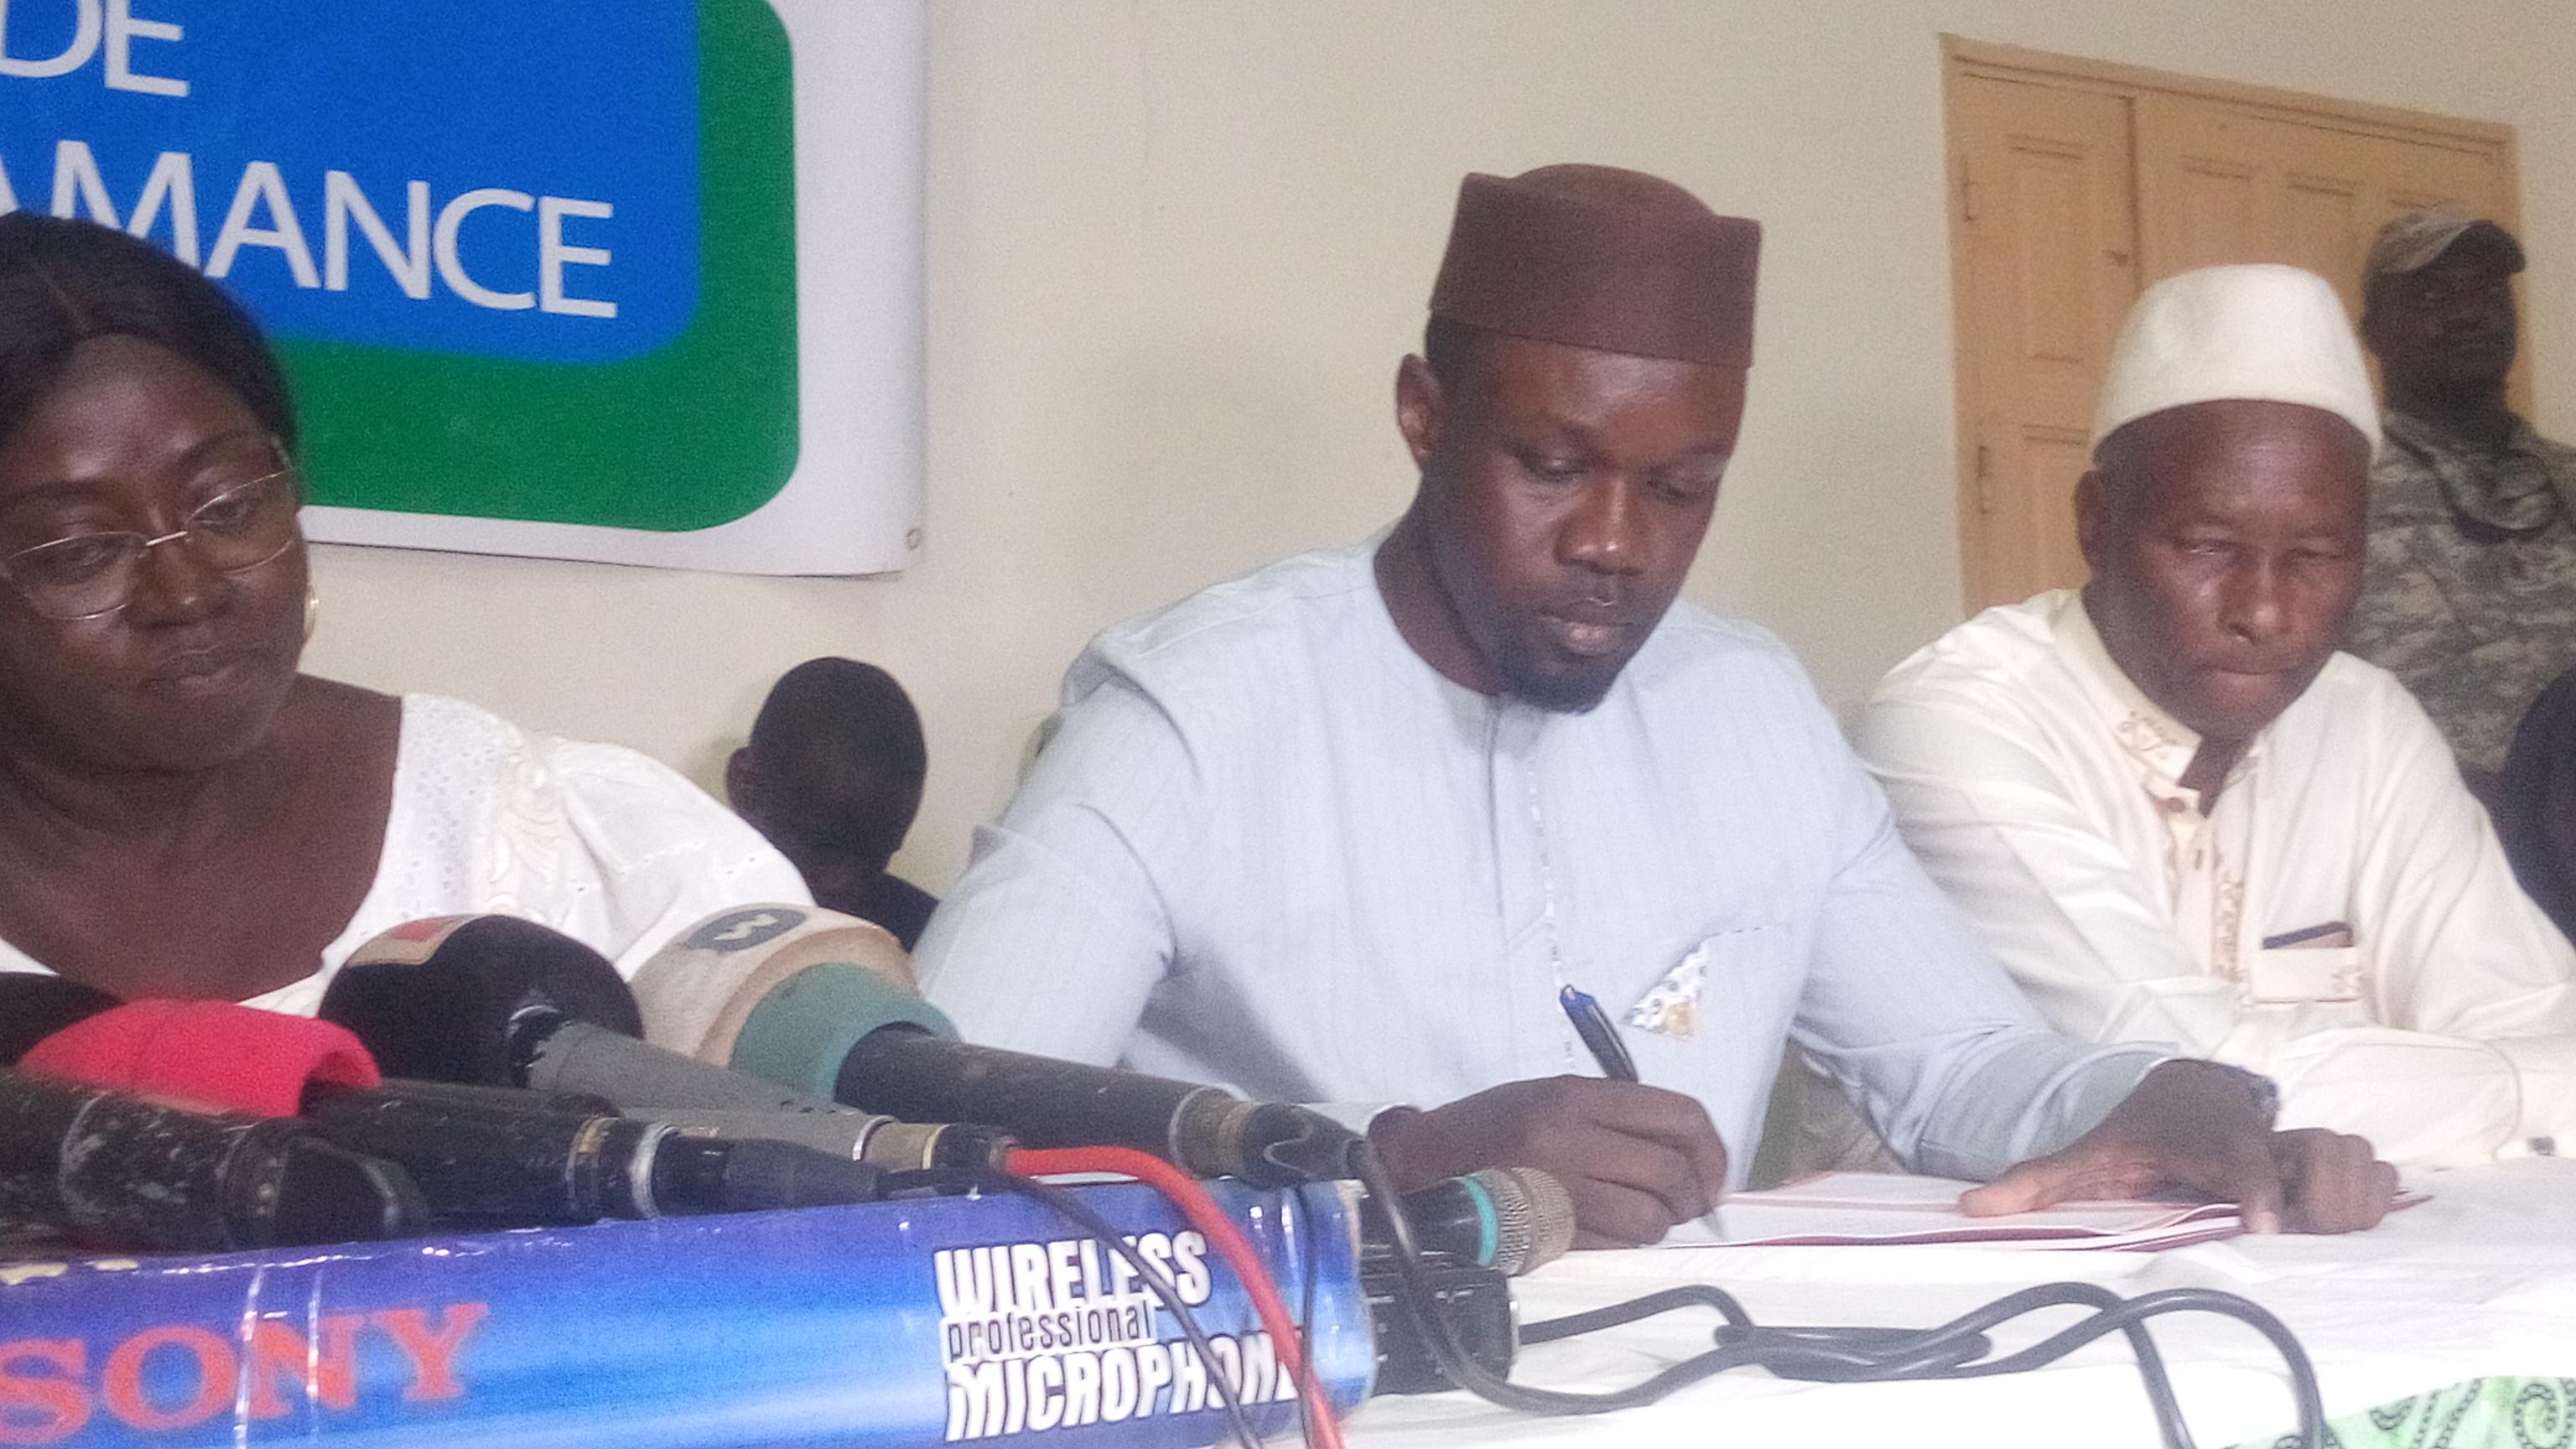 """Ousmane Sonko: """"Je ne négocierais pas la paix en Casamance, j'irais cherché mes frères et oncles du maquis"""""""